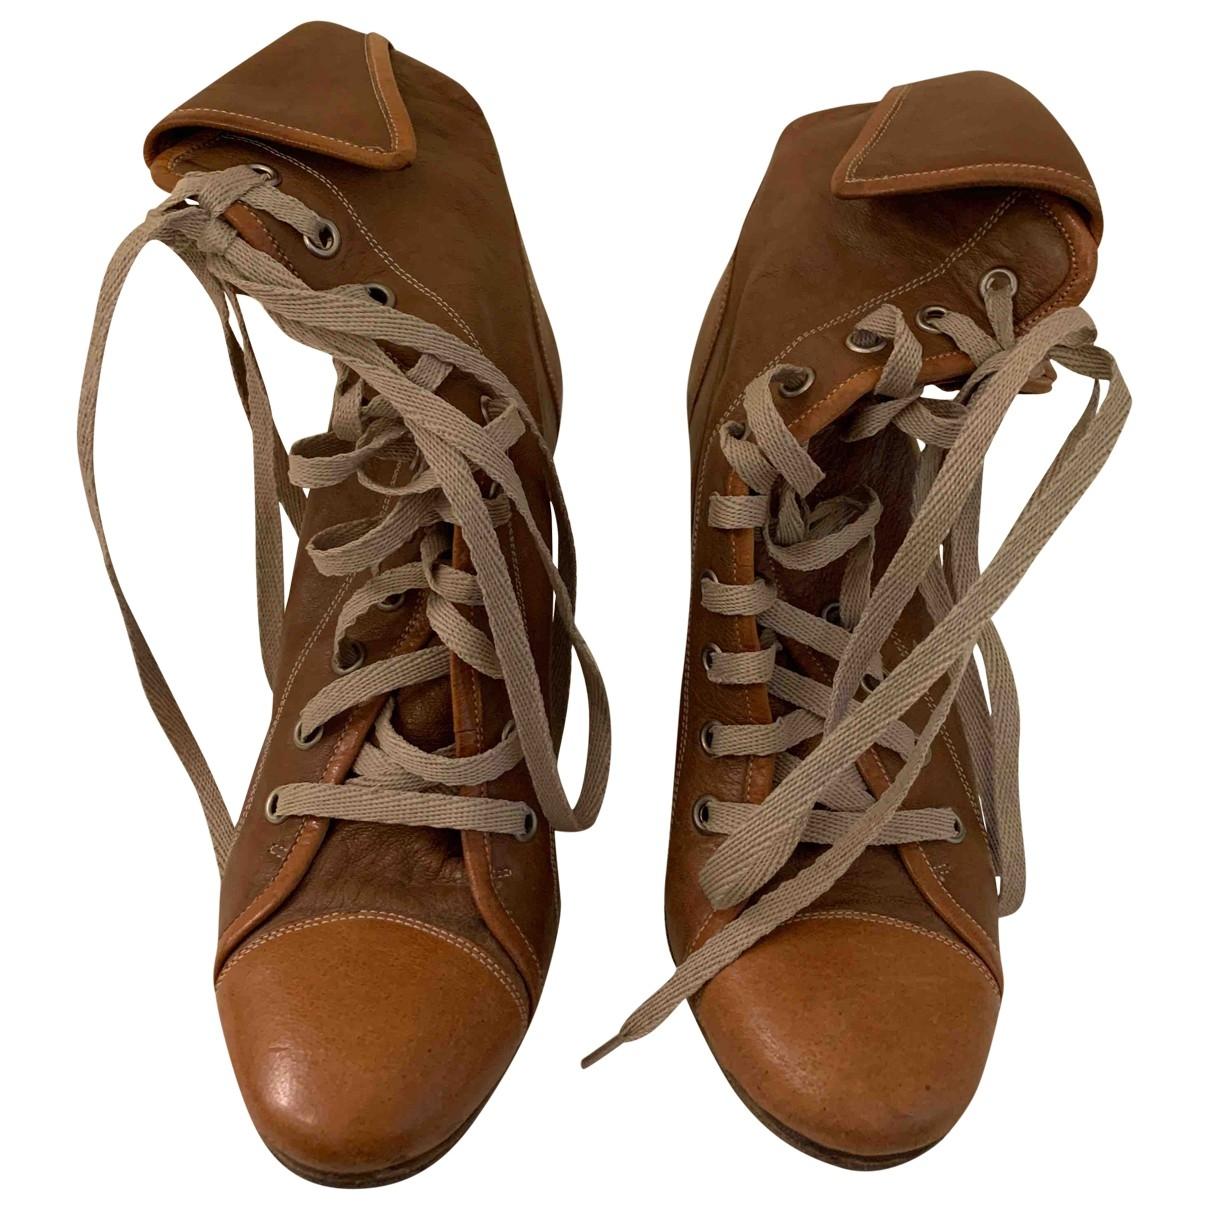 Chloe - Boots River pour femme en cuir - marron